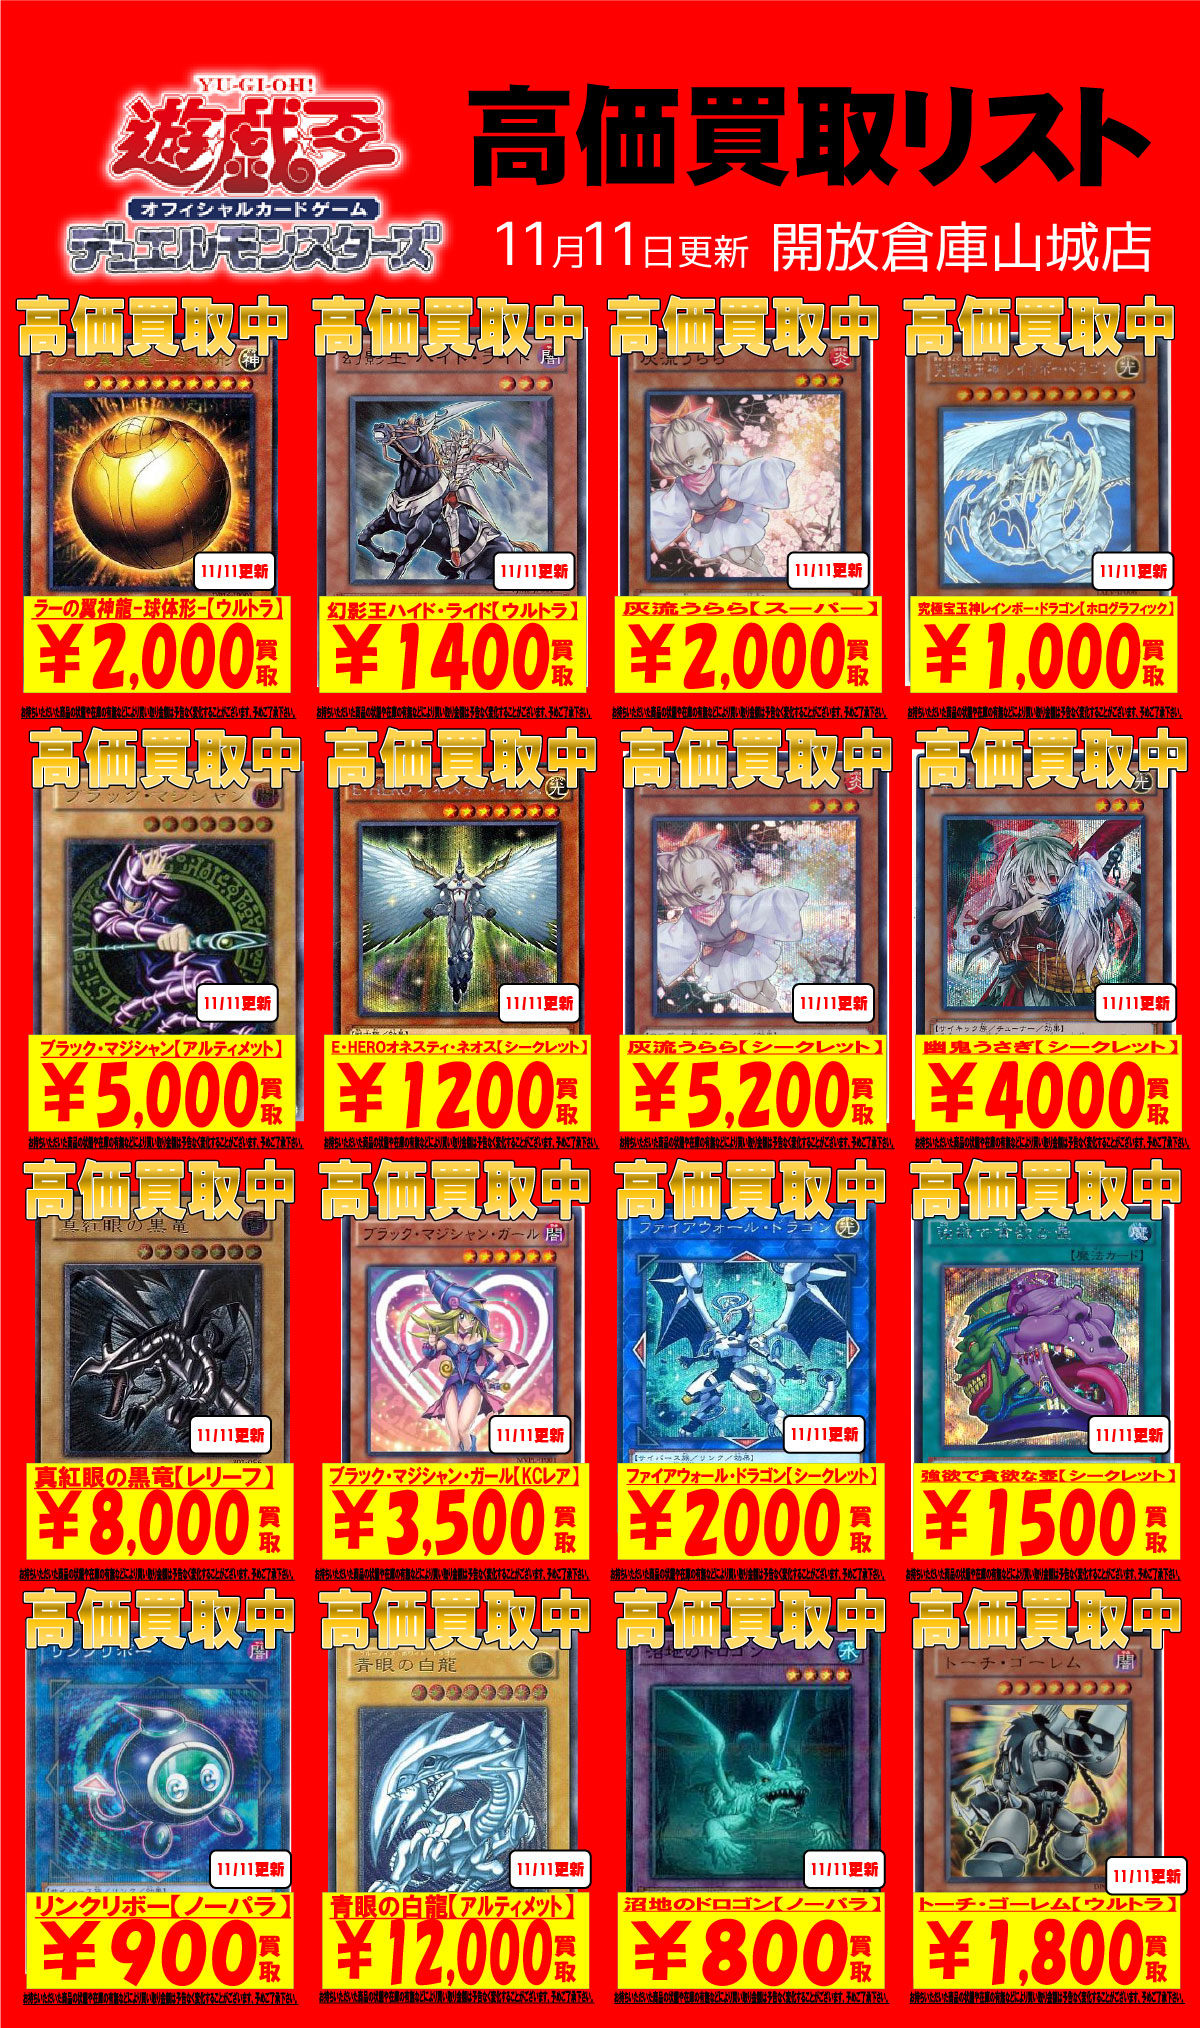 「開放倉庫山城店」カードコーナー<遊戯王ディエルモンスターズ高価買取リスト>11月11日号を更新しました!